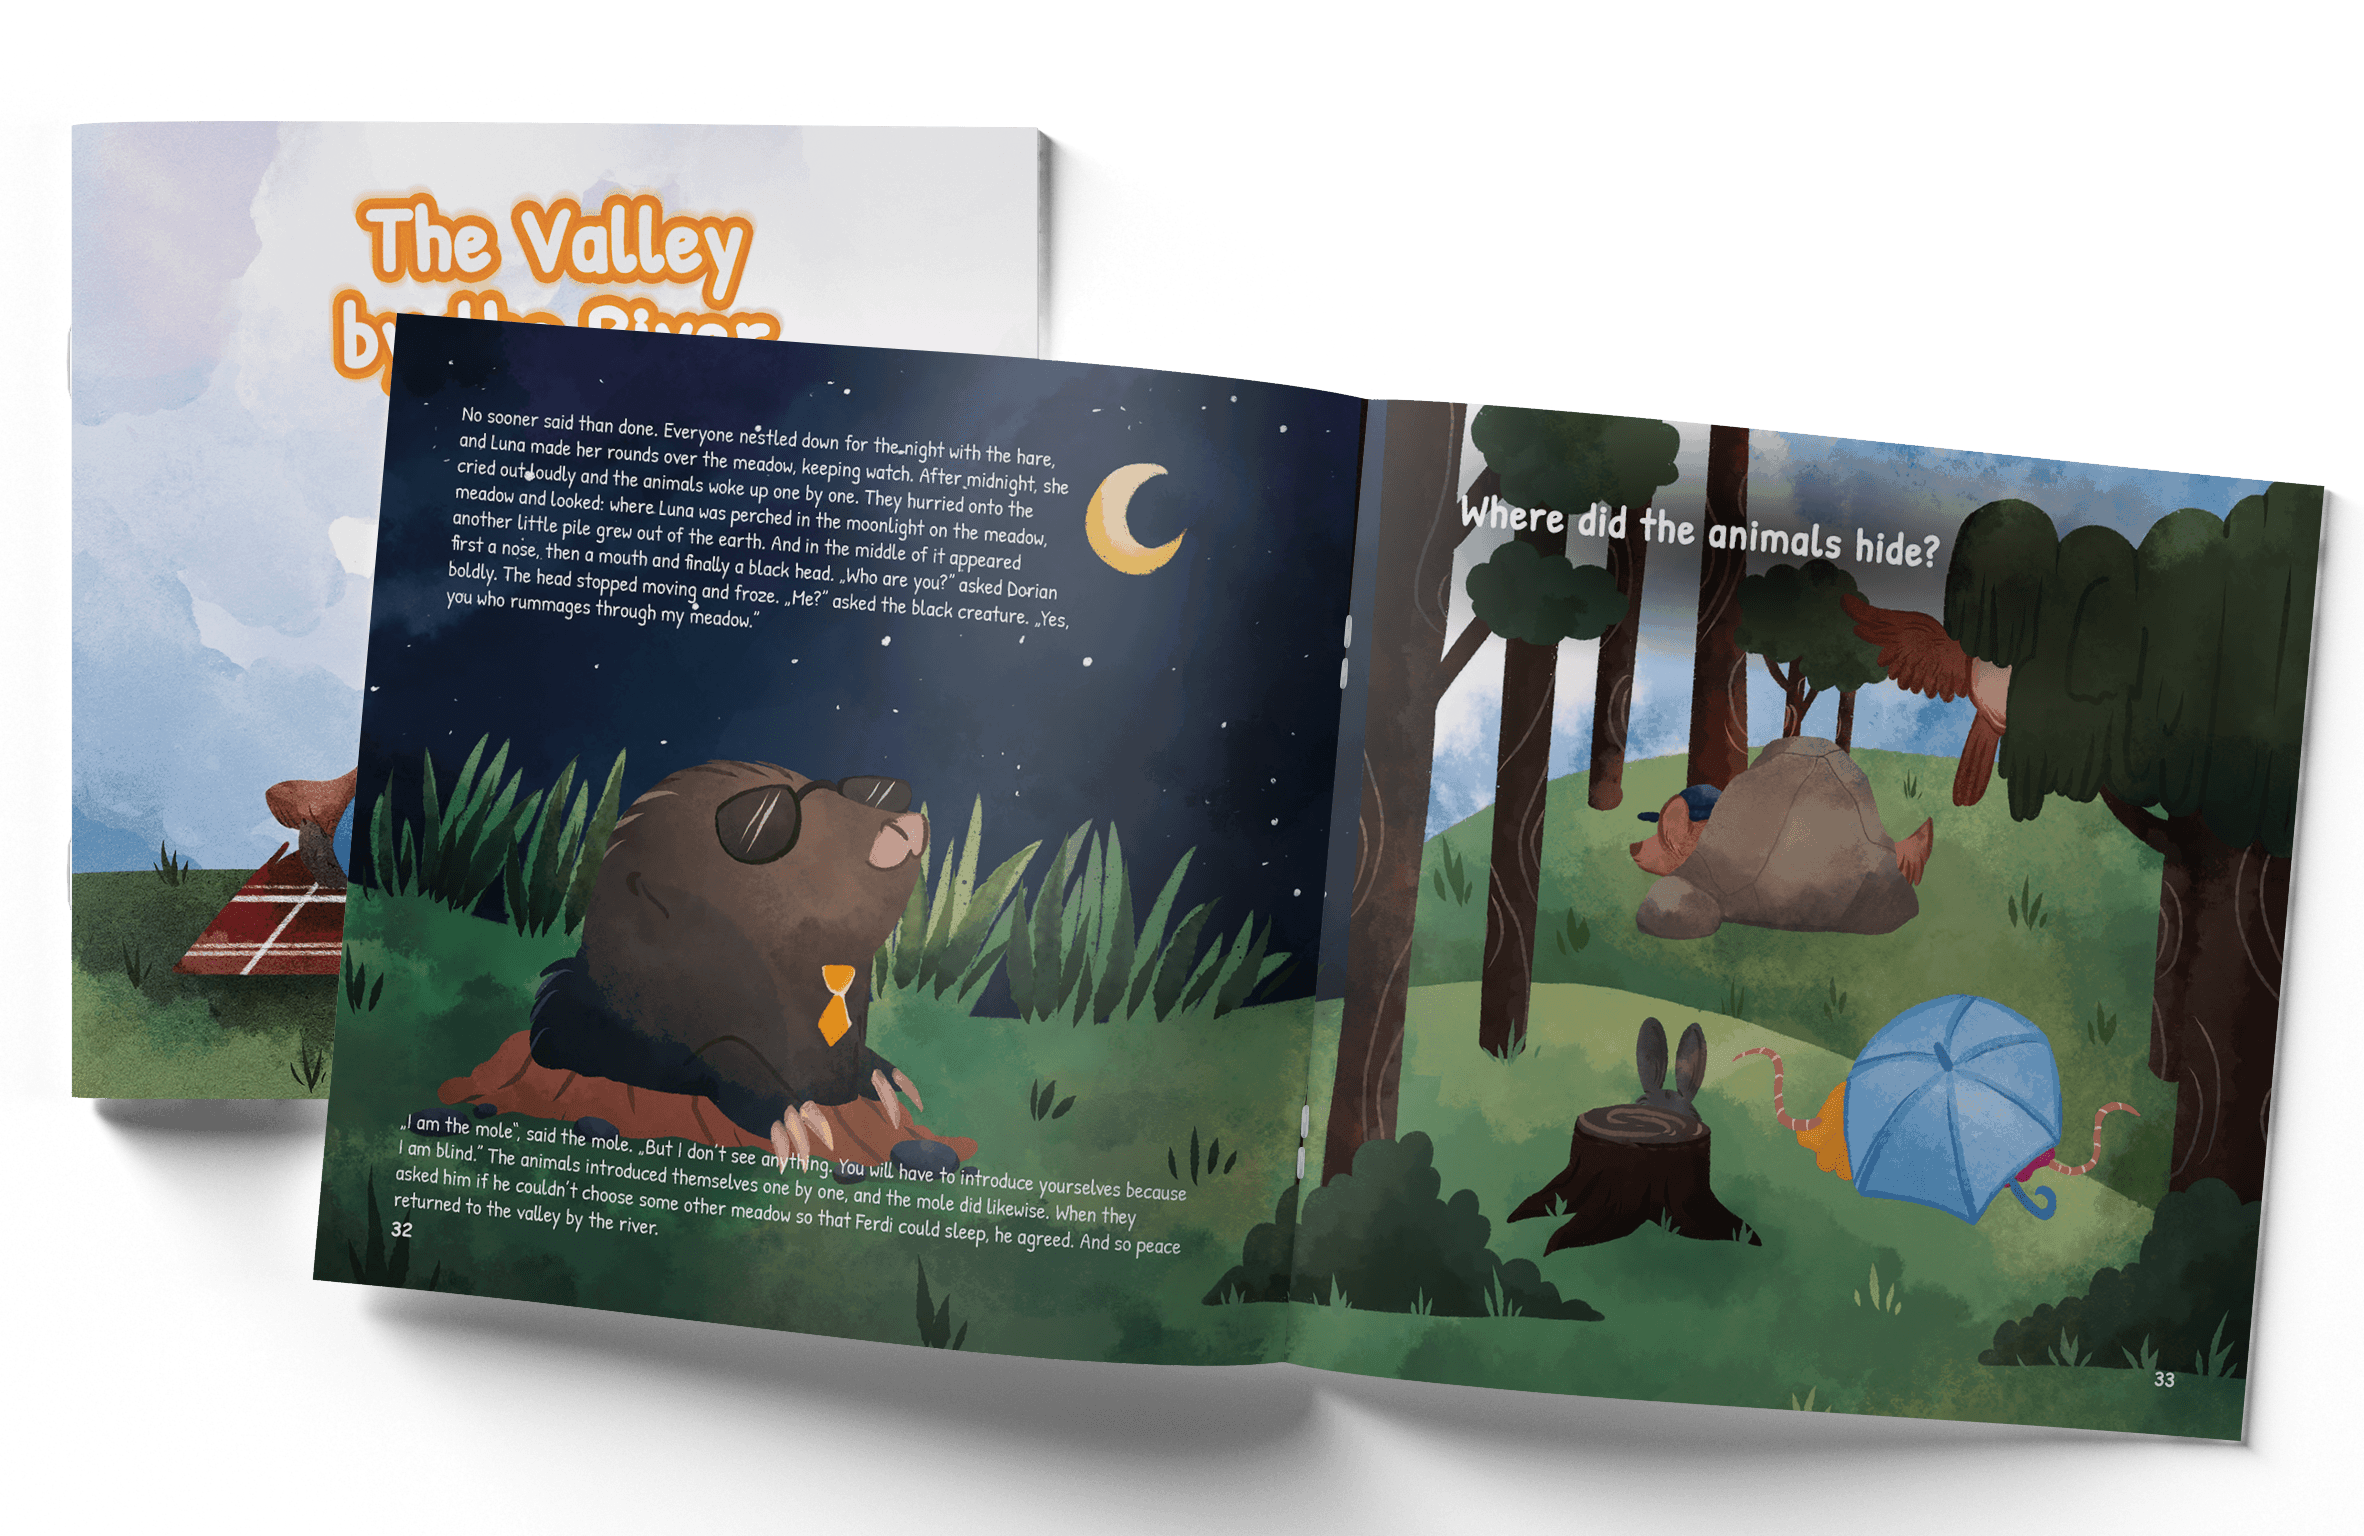 La vallée près de la rivière - Nouveau livre pour enfants